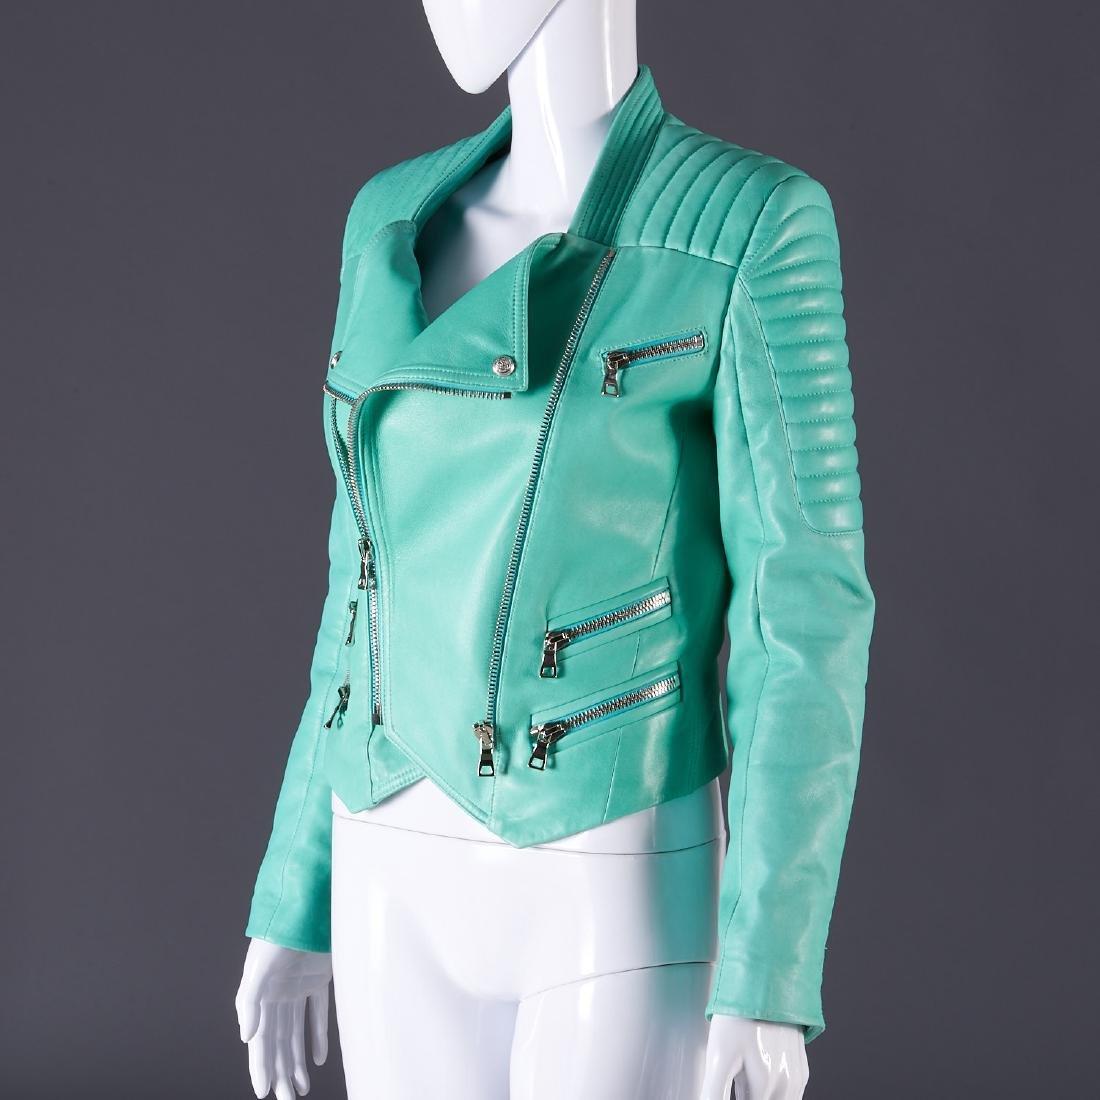 Balmain Paris turquoise lambskin jacket - 10